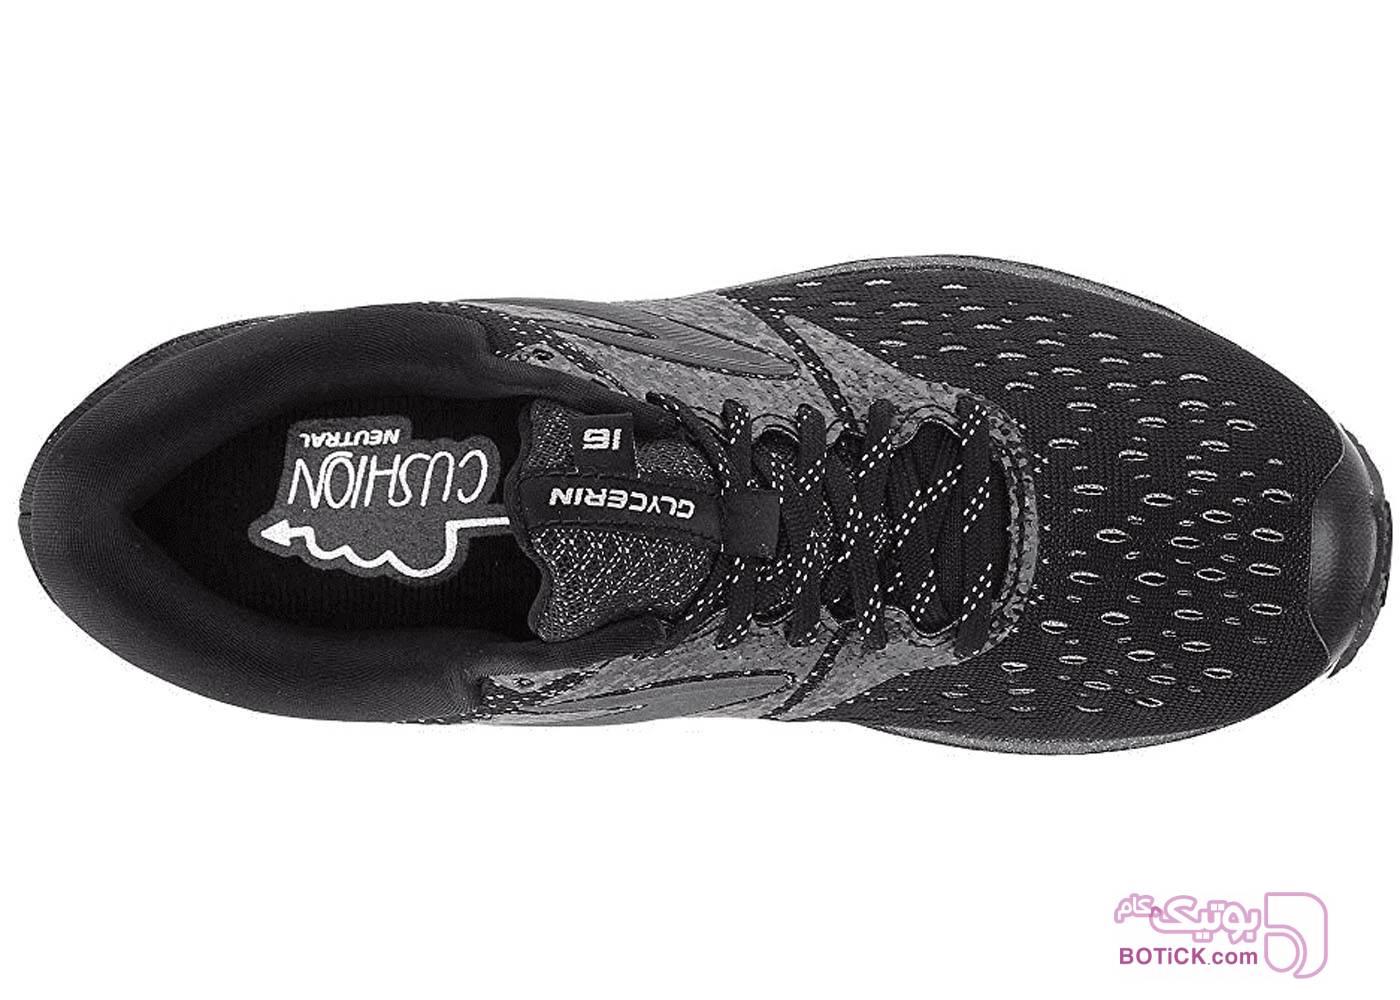 کفش اسپرت زنانه مخصوص پیاده روی بروکس مدل brooks 1202781b015 طوسی كتانی زنانه